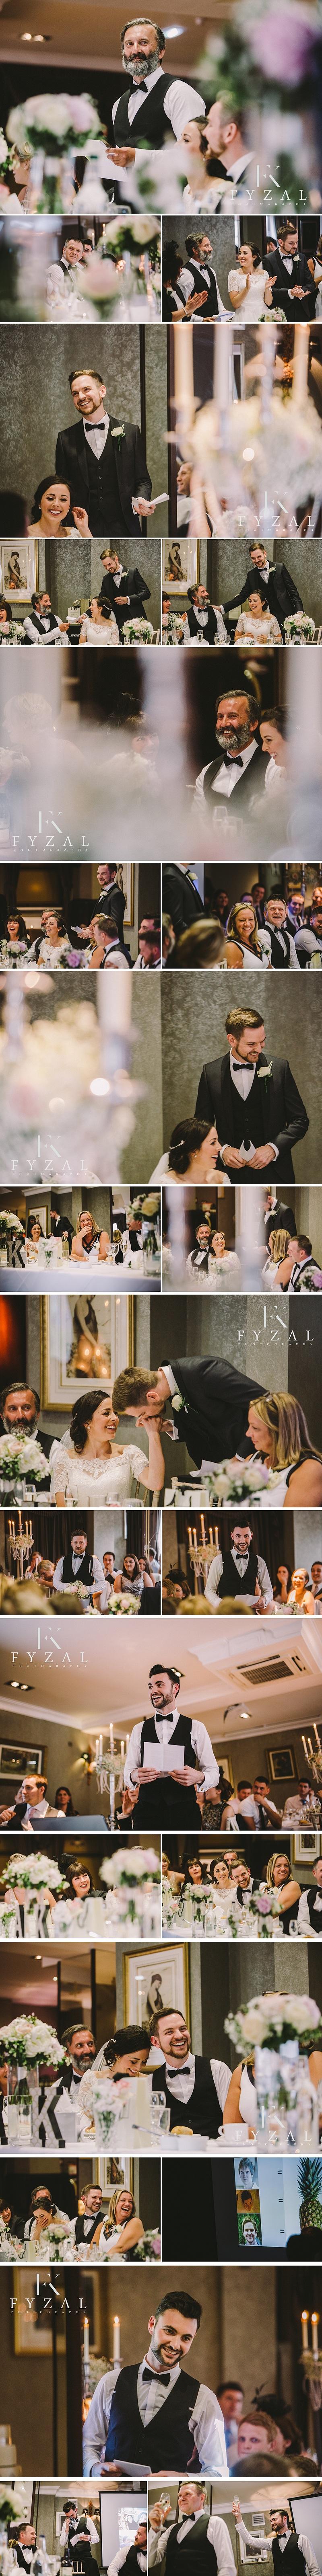 160529-Kate-Andrew-Wedding-13.jpg